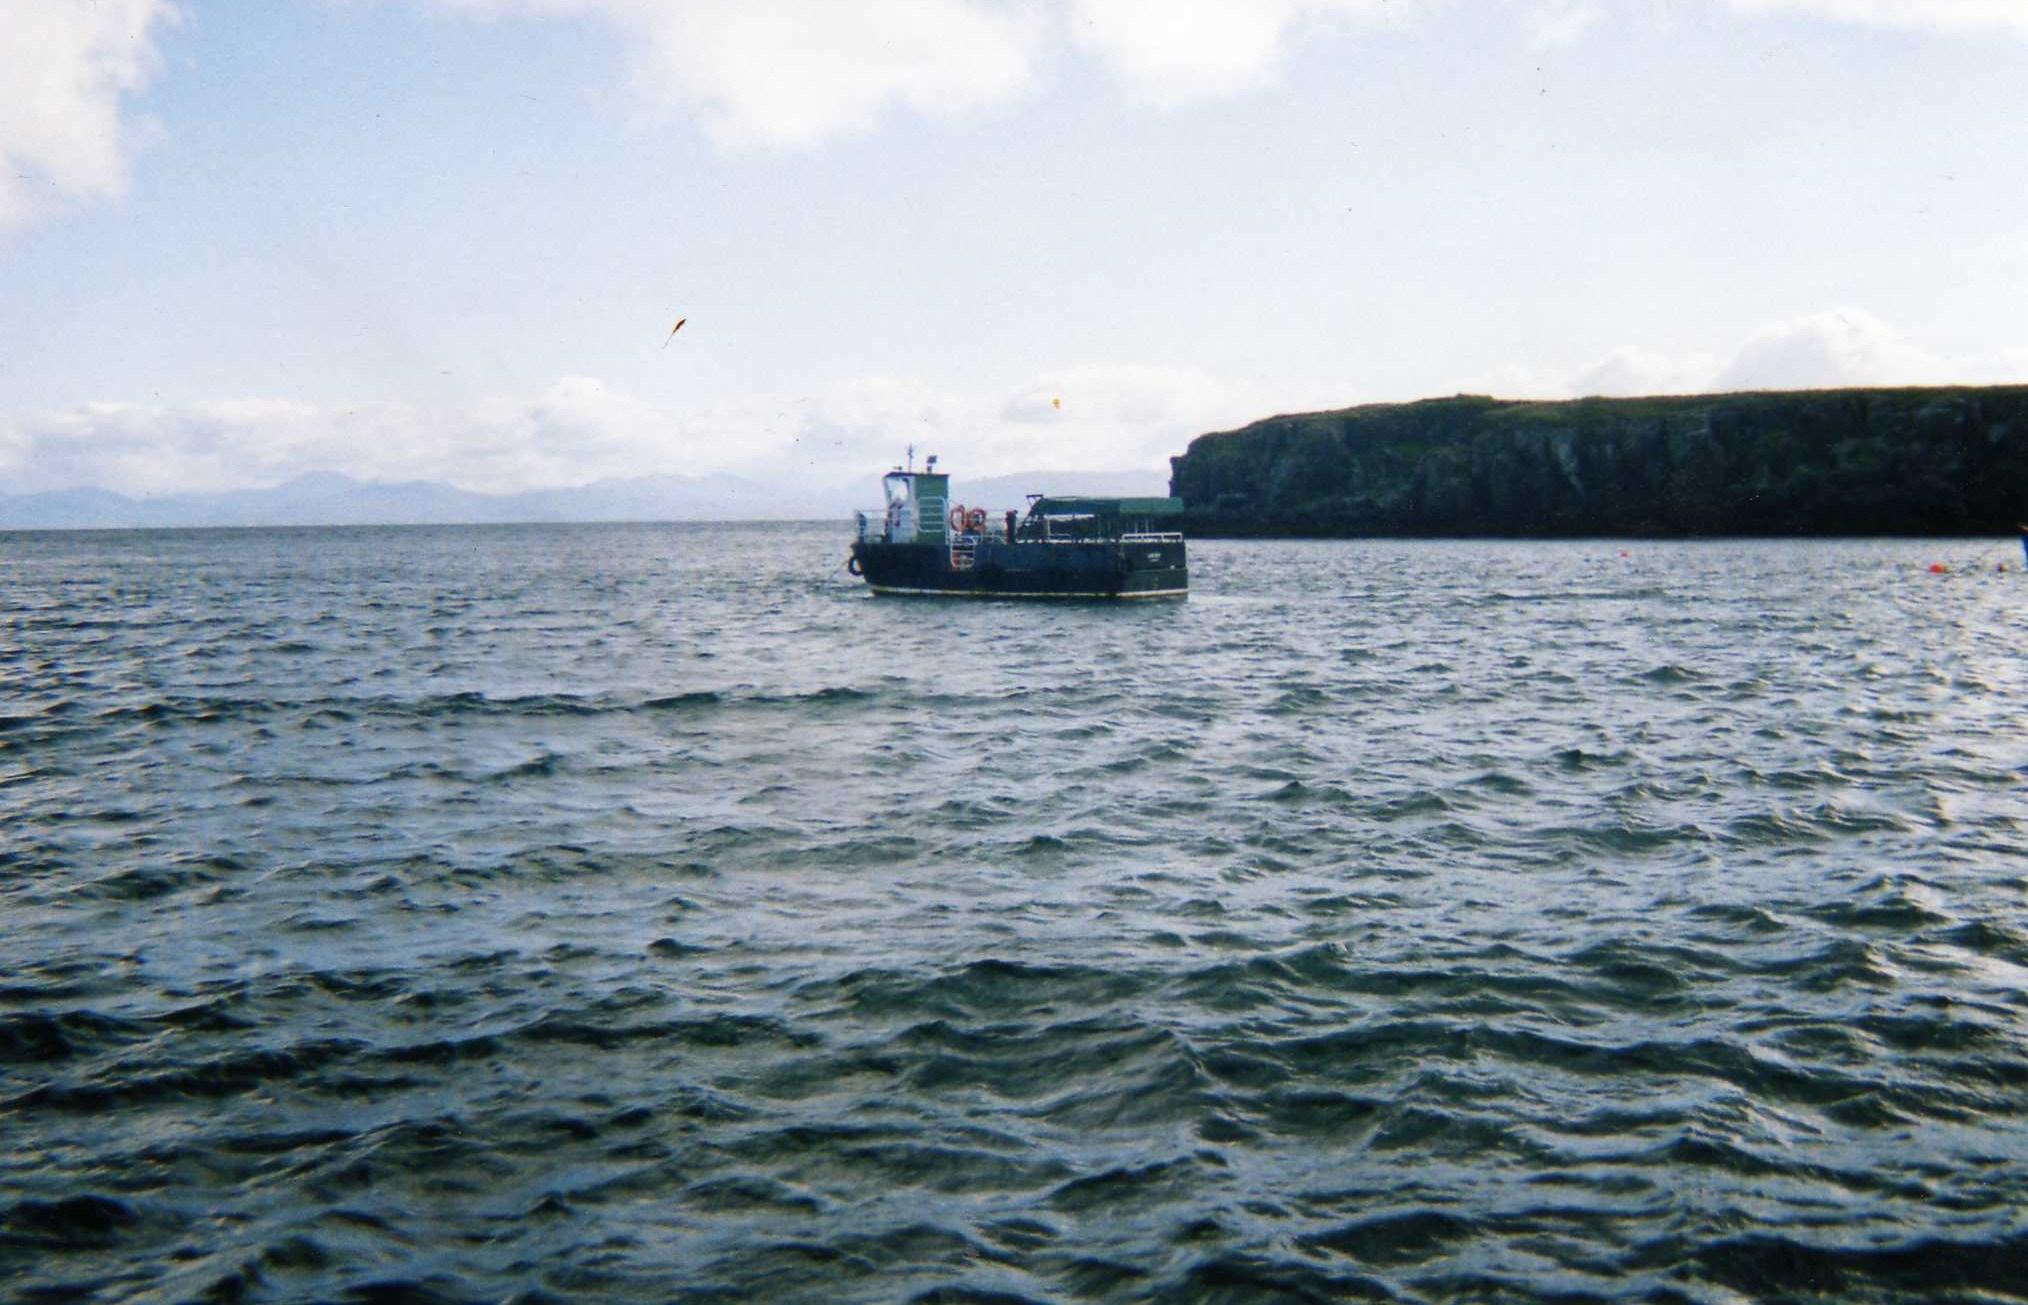 At anchor off Eigg